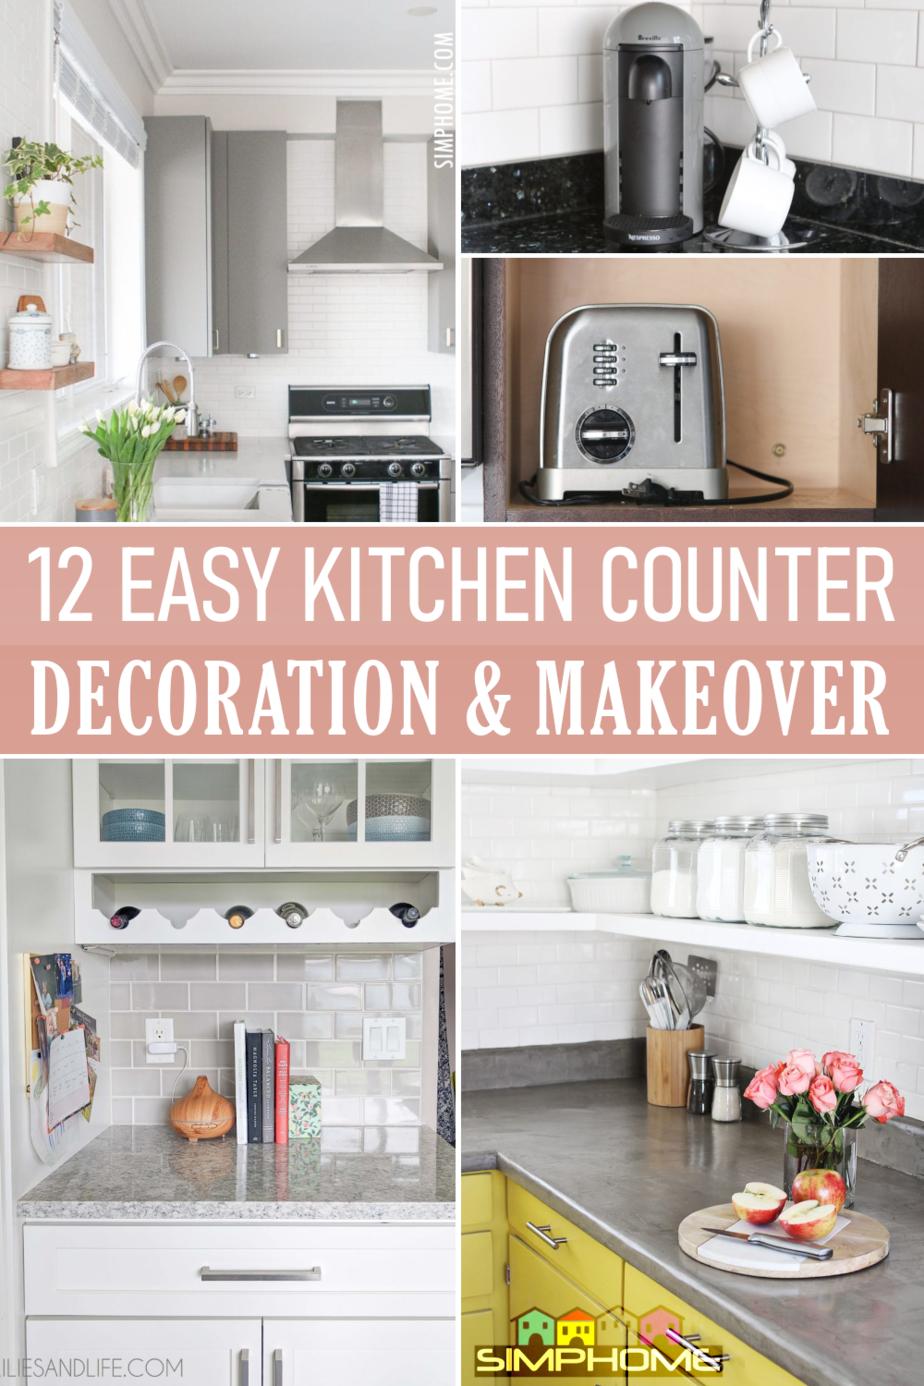 Easy Counter Makeover Ideas via Simphome.com Main Featured